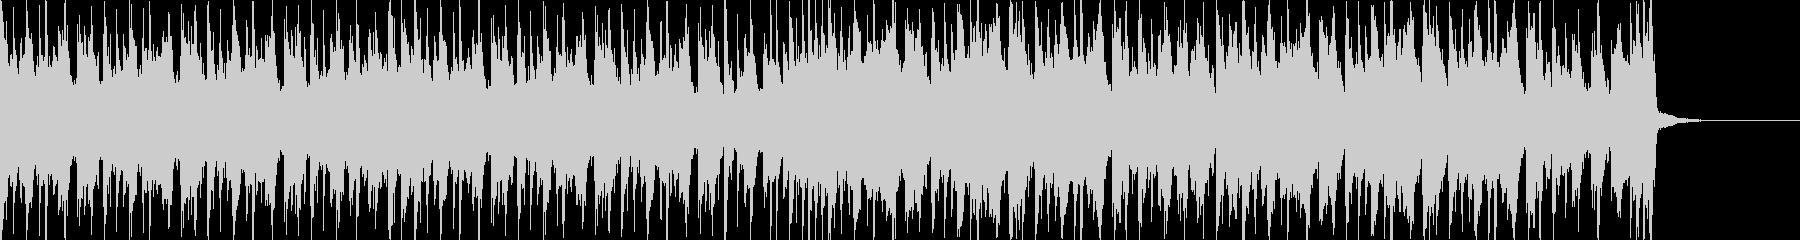 和風エキサイティングEDM・エンディングの未再生の波形